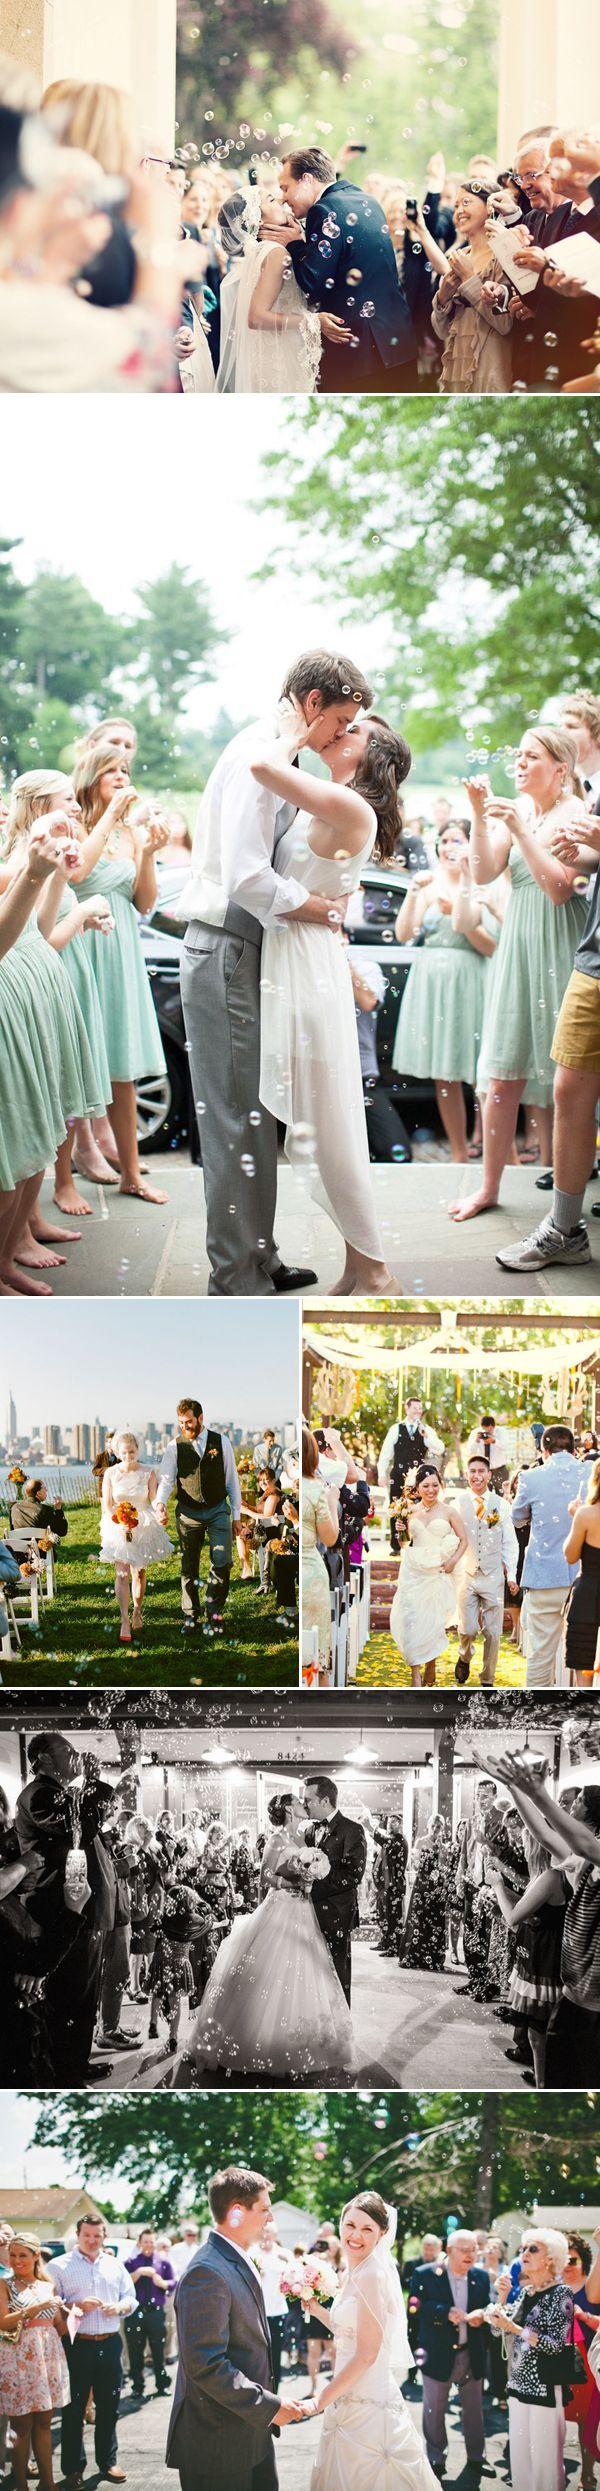 wedding send off wedding send off ideas 30 Creative and Fun Wedding Exit Ideas Wedding Send OffWedding